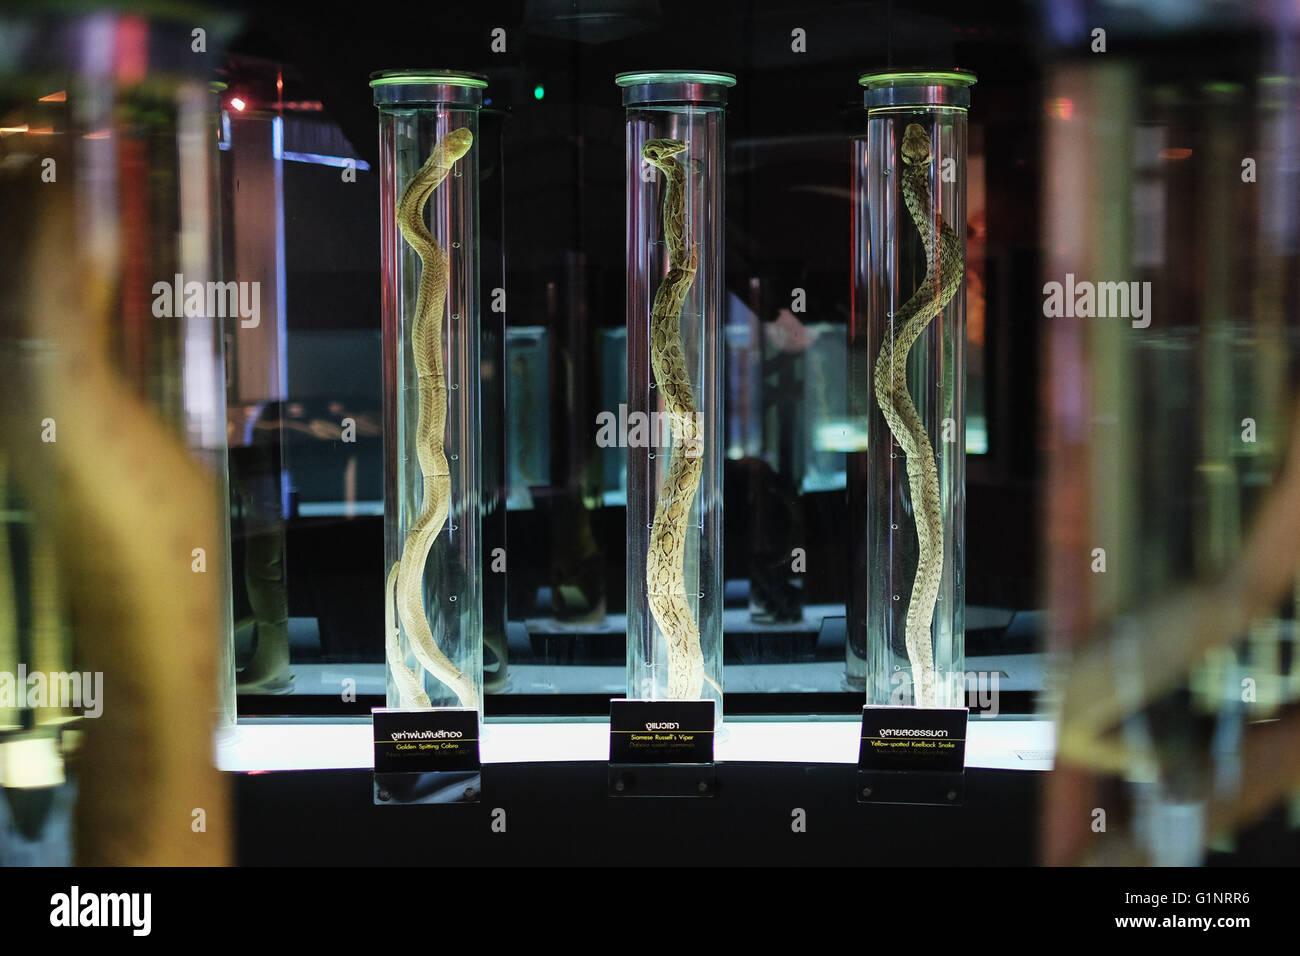 Bangkok, Thaïlande. 17 mai, 2016. Les spécimens de serpents sont exposées à la Reine Saovabha Memorial Institute's snake museum à Bangkok, Thaïlande, le 17 mai 2016. Fondée en 1922, la Reine Saovabha Memorial Institute est un organisme de recherche majeur en Thaïlande qui se spécialise dans la rage et les toxines animales. À l'institute's snake museum, les visiteurs pourront voir des dizaines de non-venimeux serpent venimeux et races ainsi qu'apprendre les traitements d'urgence pour les morsures de serpent. © Li Mangmang/Xinhua/Alamy Live News Banque D'Images